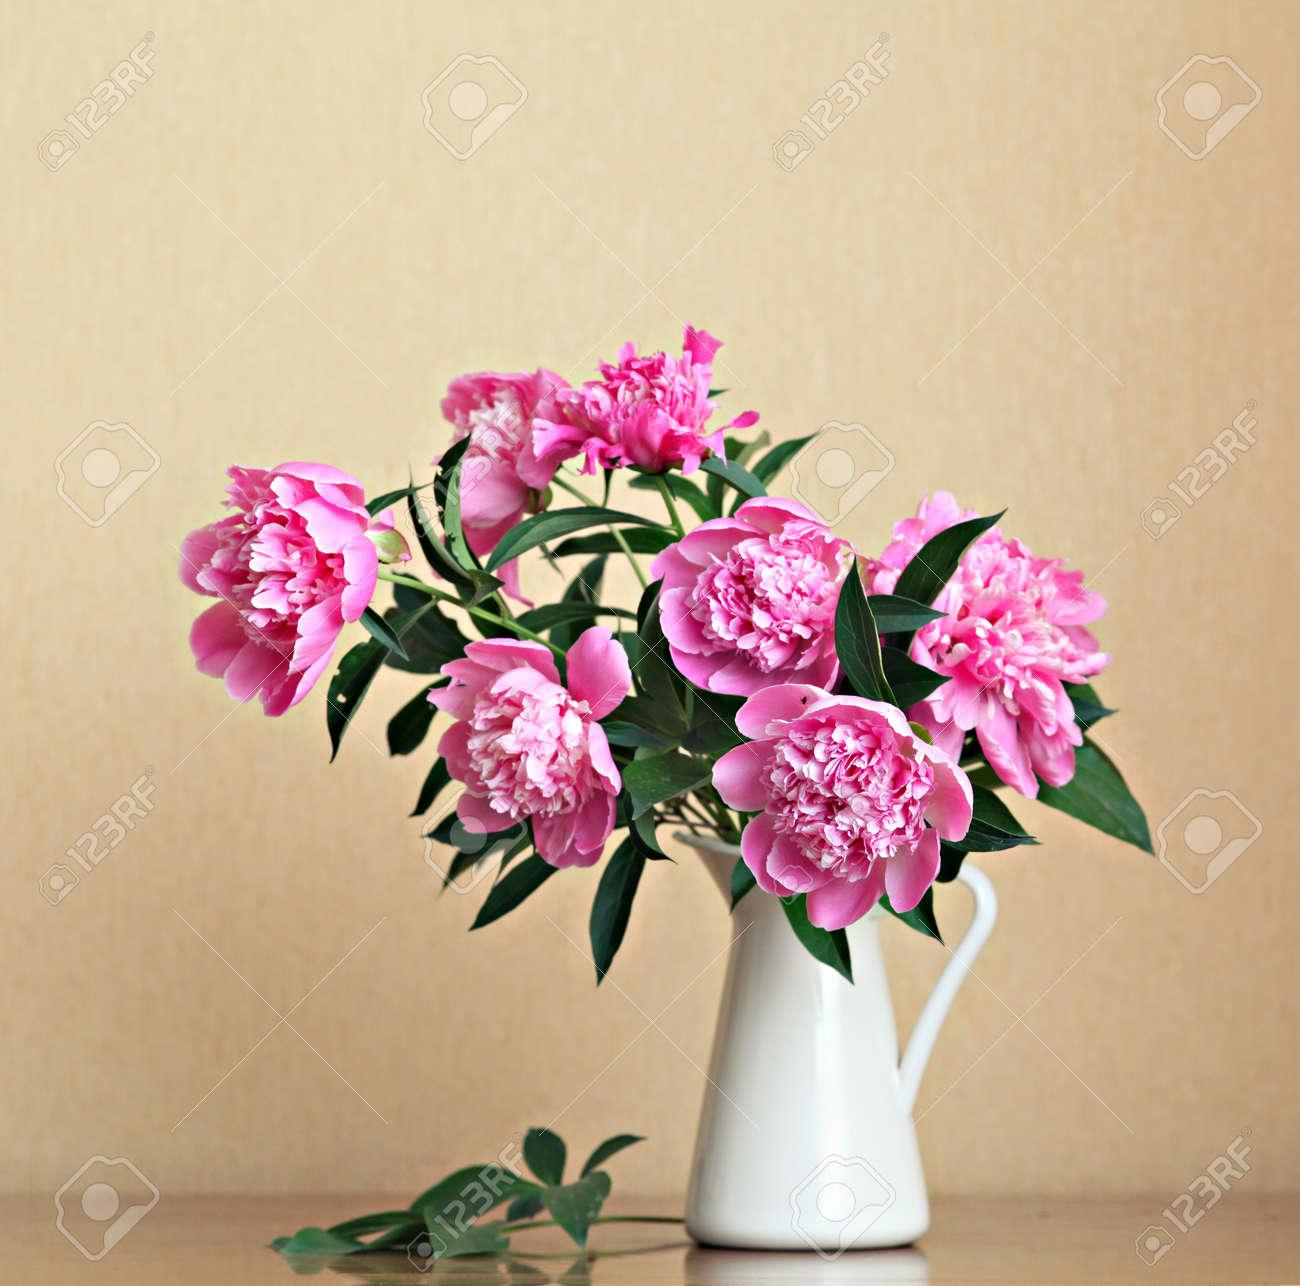 Bouquet of peonies blooms in vase Stock Photo - 14370040